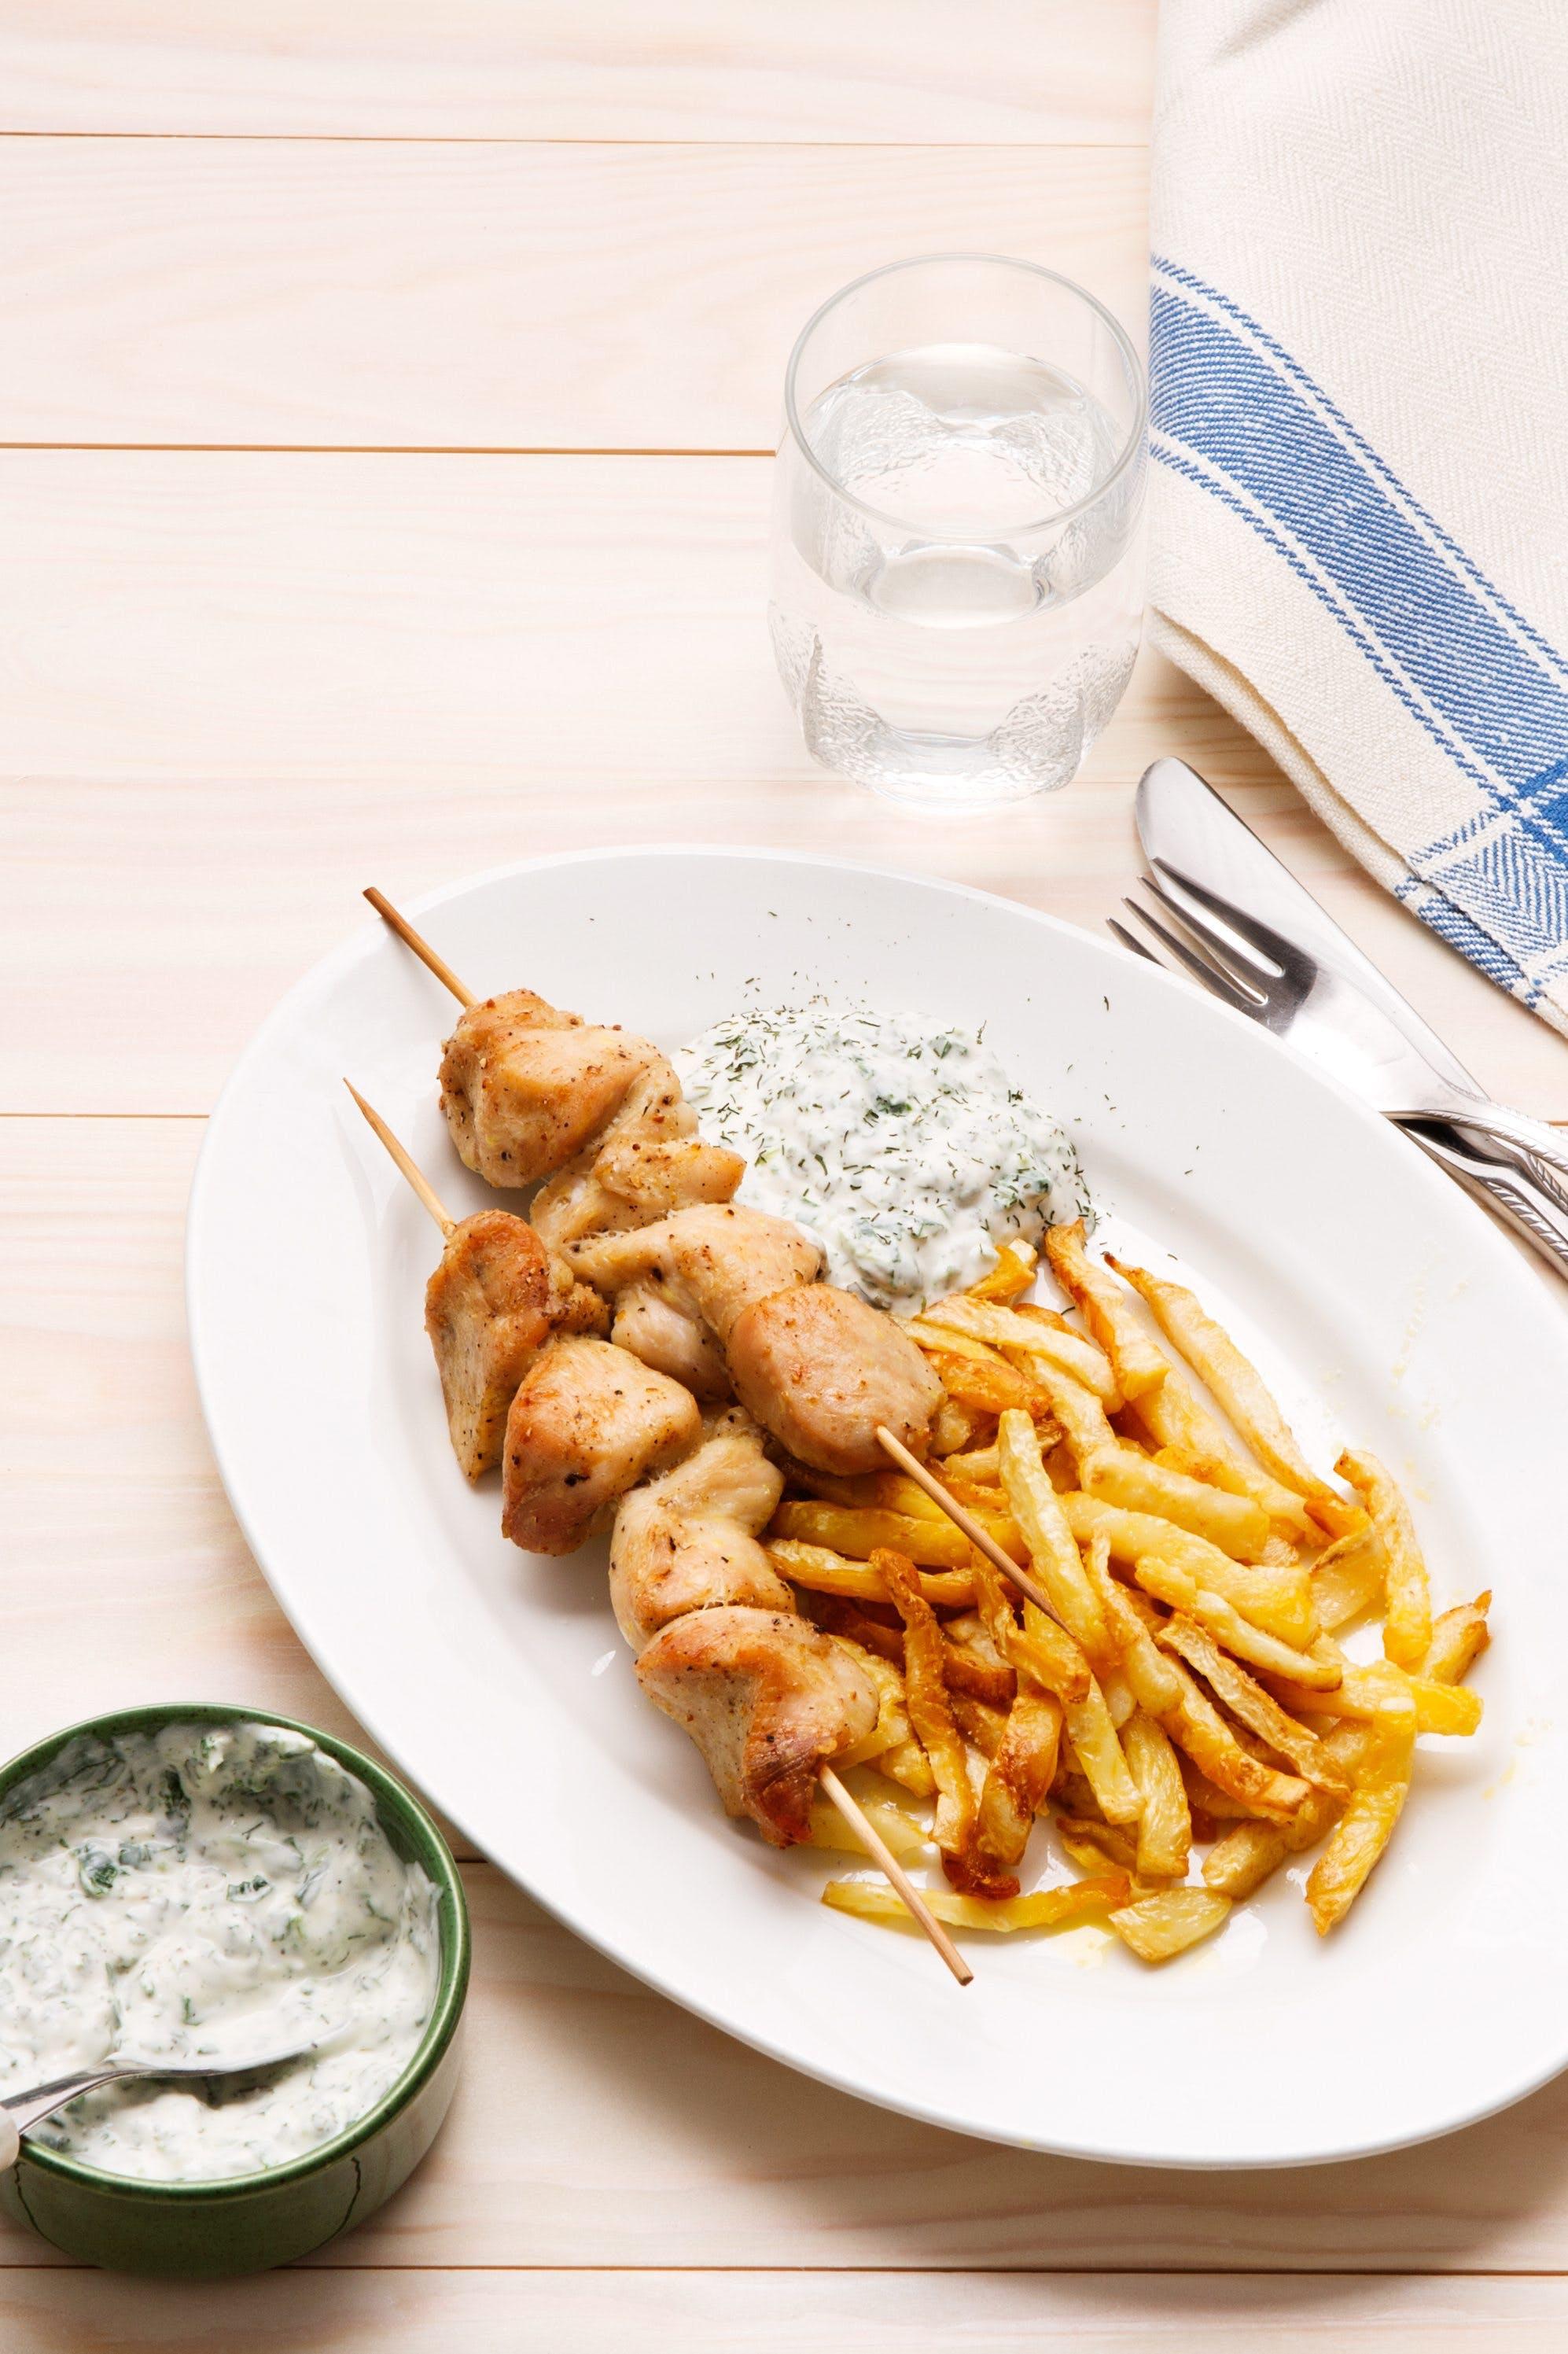 Kycklingspett med spenatdipp och pommes